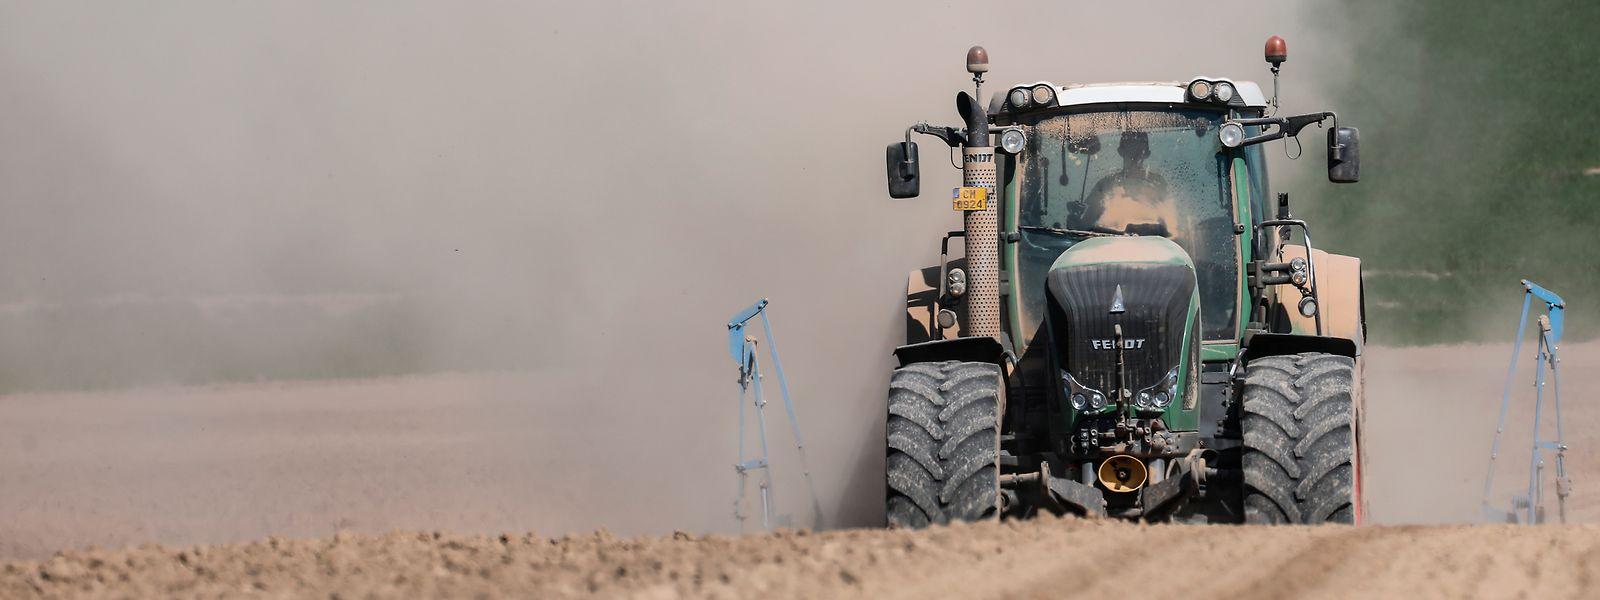 Staubige Angelegenheit: Die Landwirte haben bereits drei trockene Jahre hinter sich.